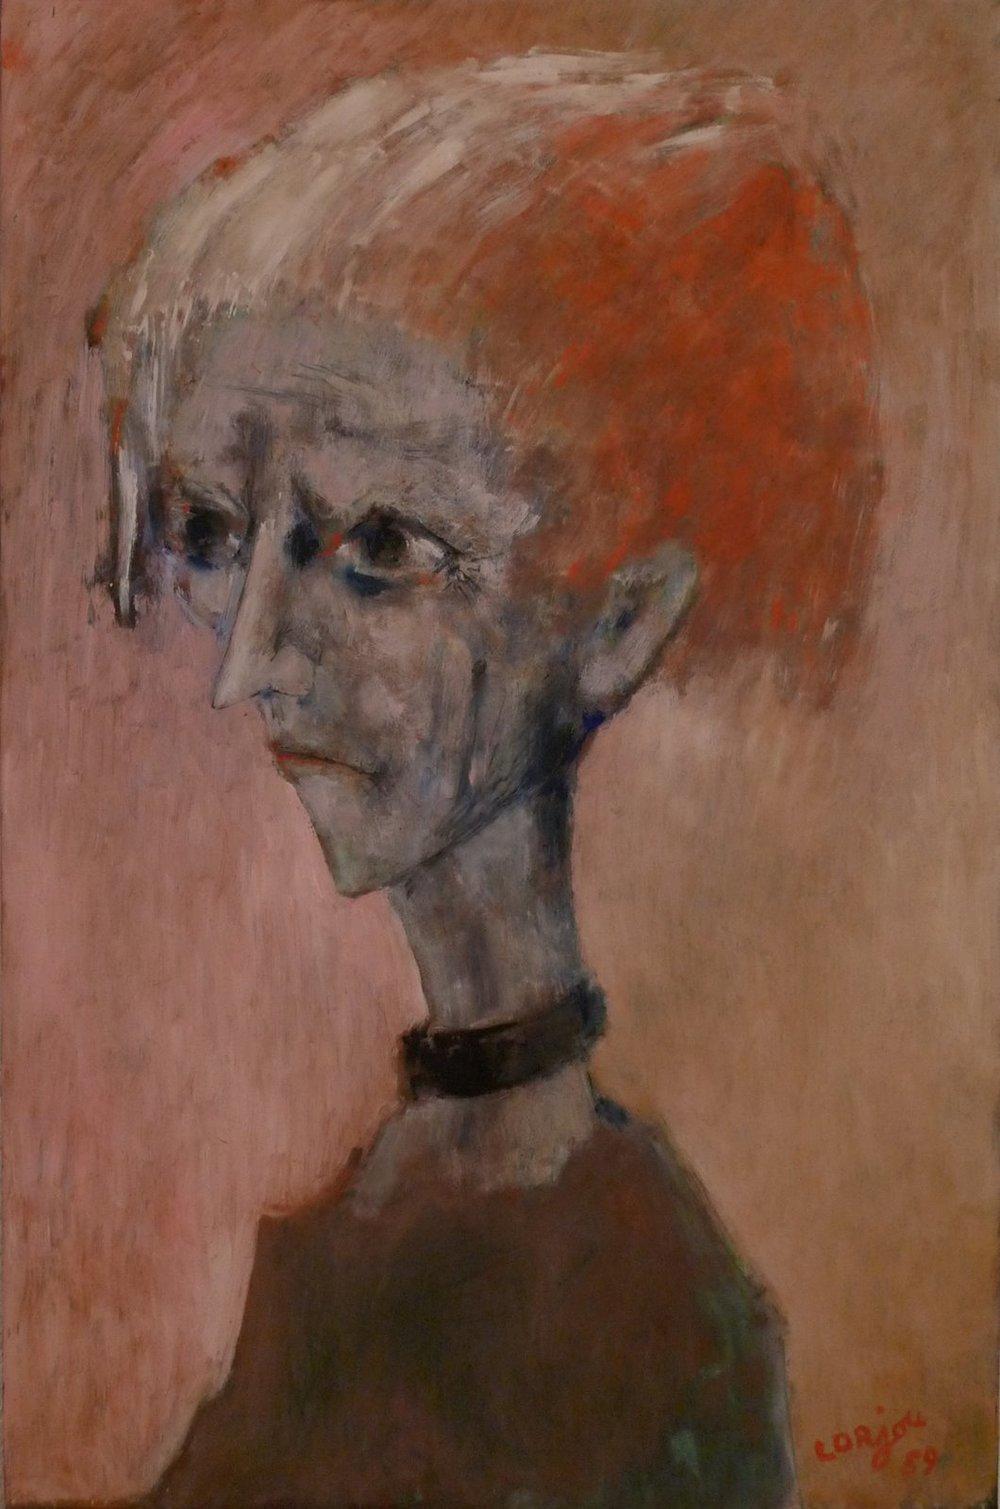 Odette, sister of the artist (1959)